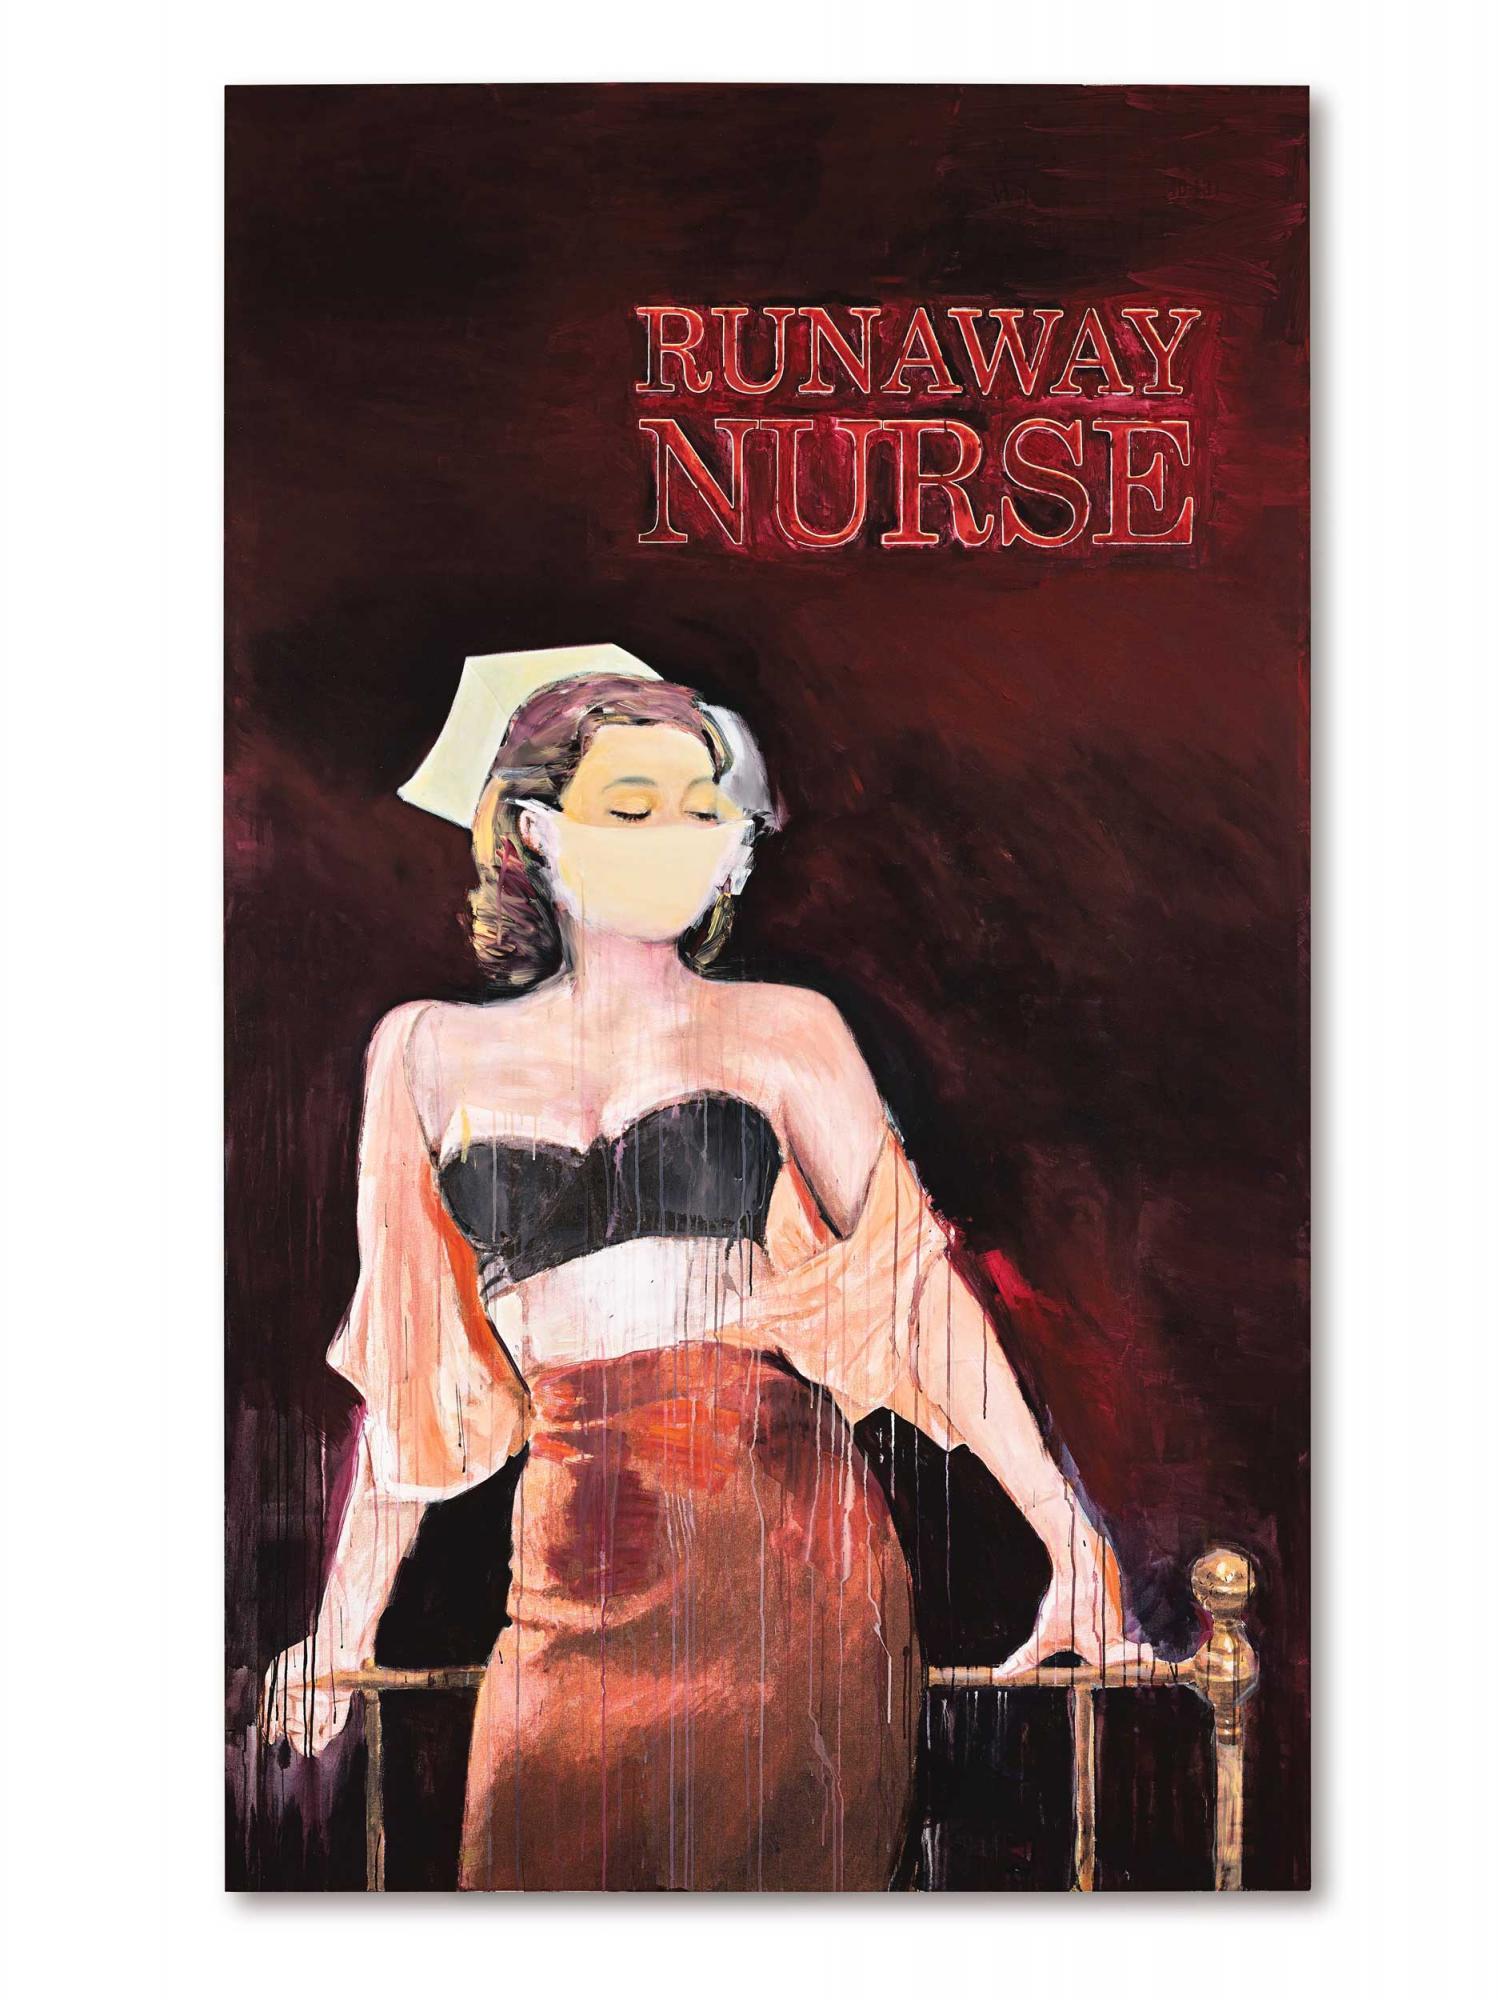 理查德 · 普林斯(Richard Prince)《逃脫的護士》 2005至2006年作,油墨及壓克力畫布,280 x 168 公分 估價:75,000,000 - 95,000,000港元